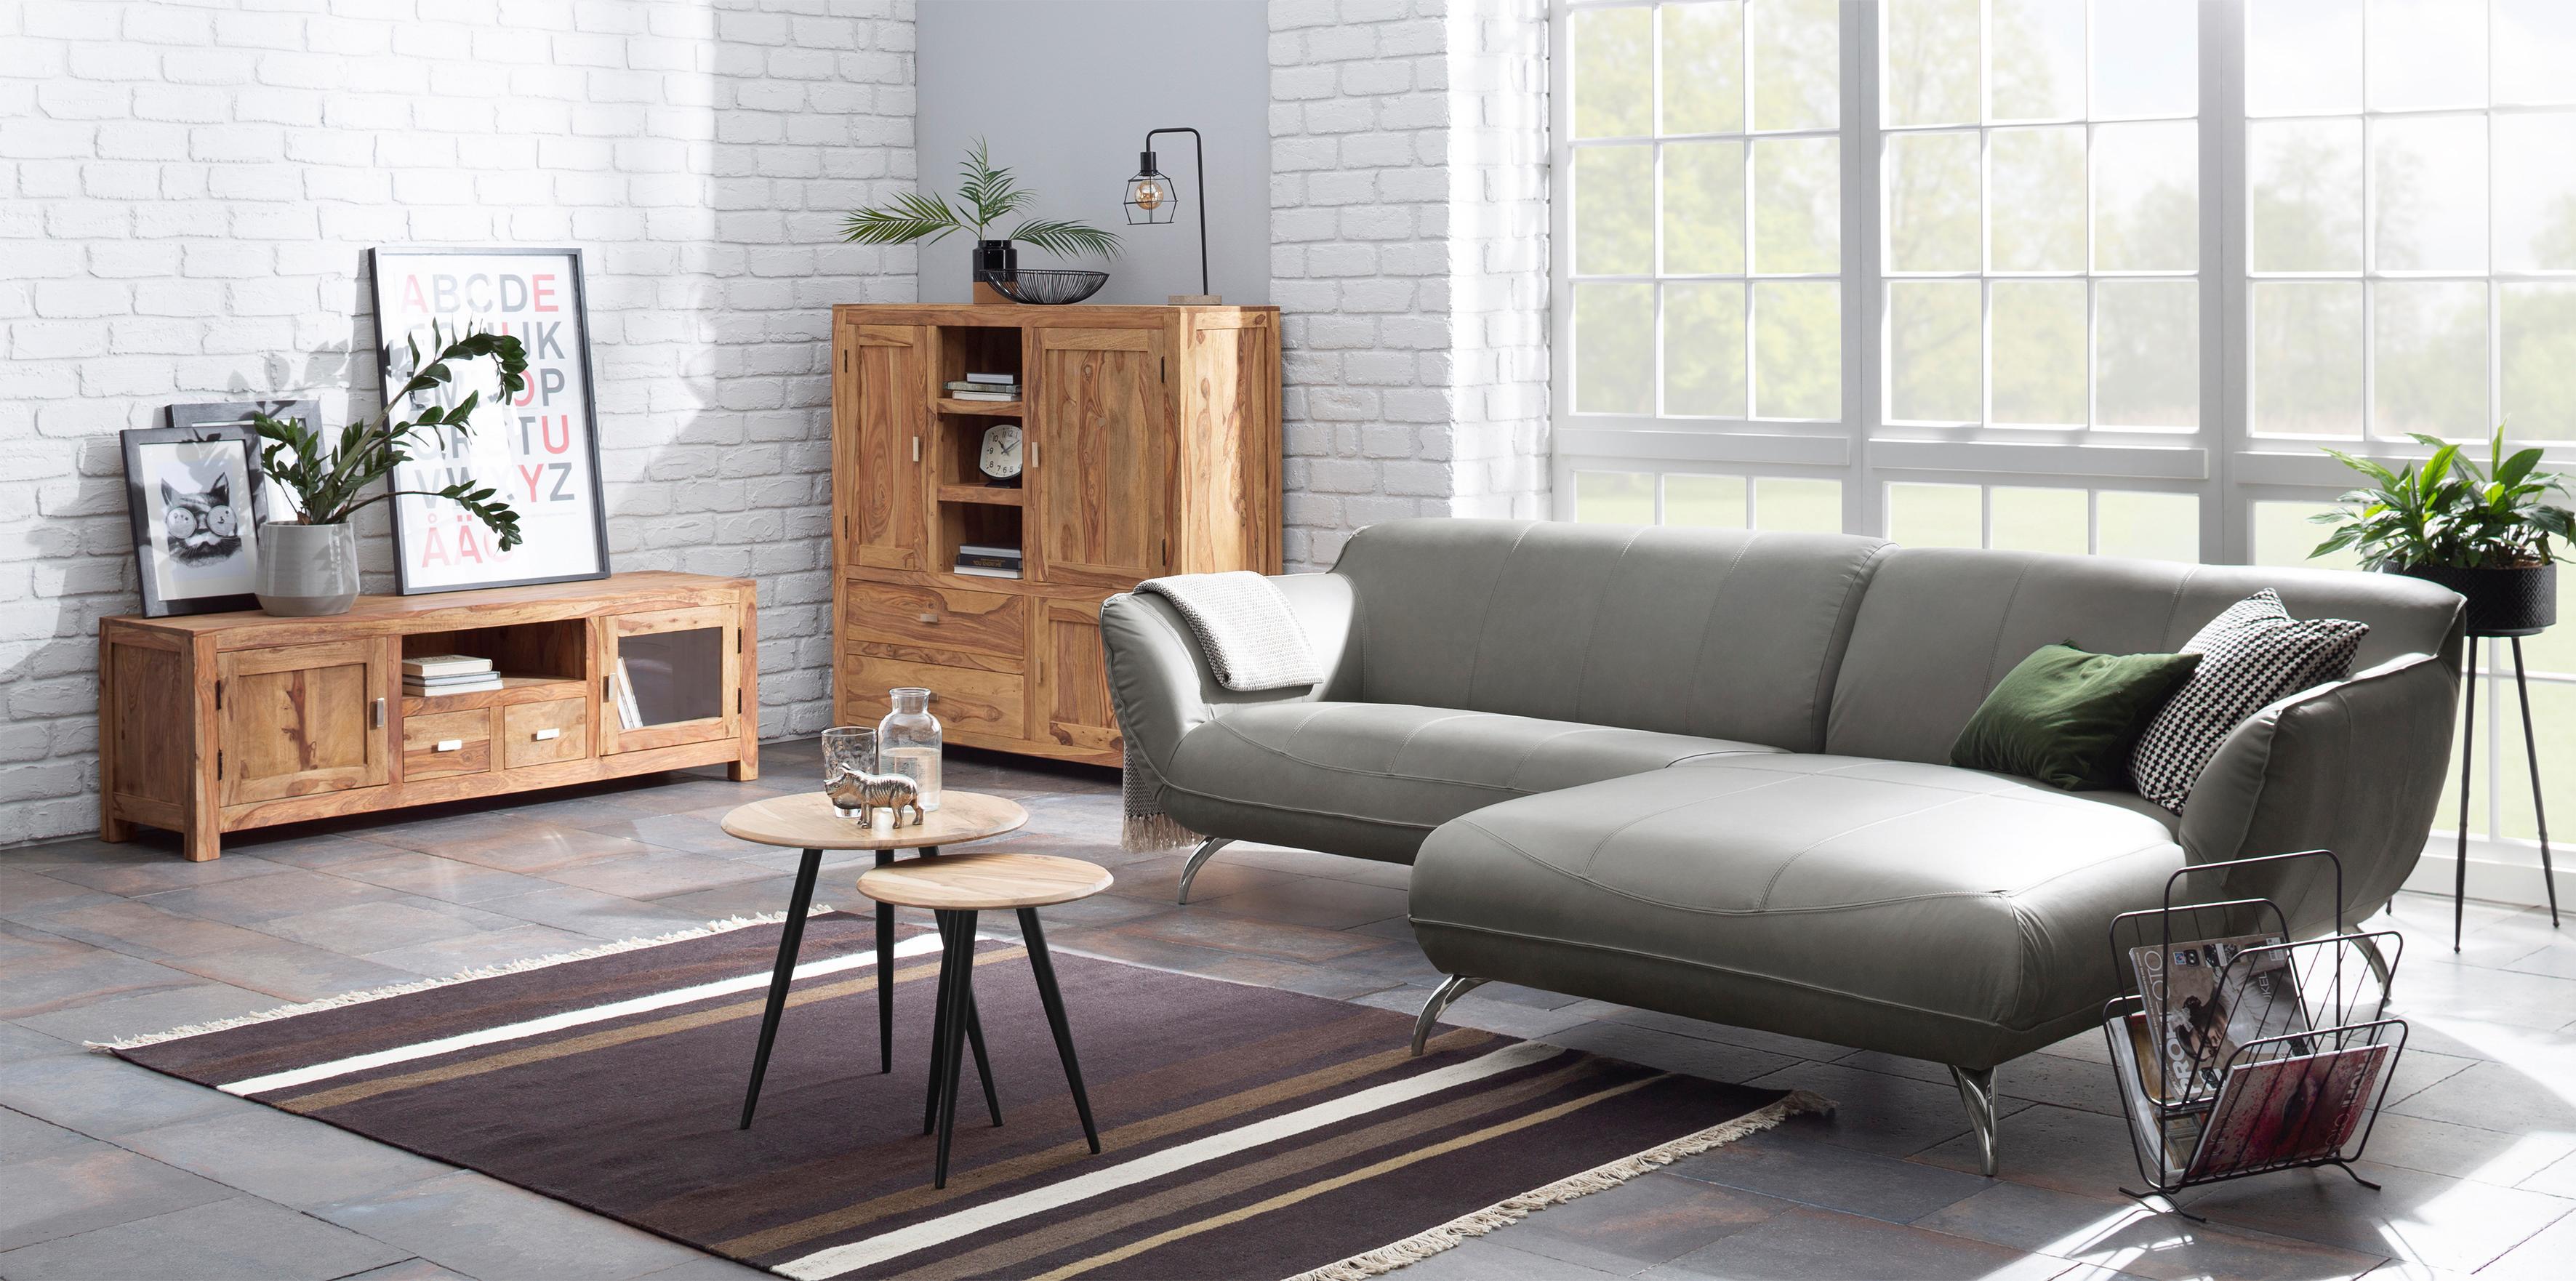 Sofa Factory Ecksofas Eckcouches Online Kaufen Möbel